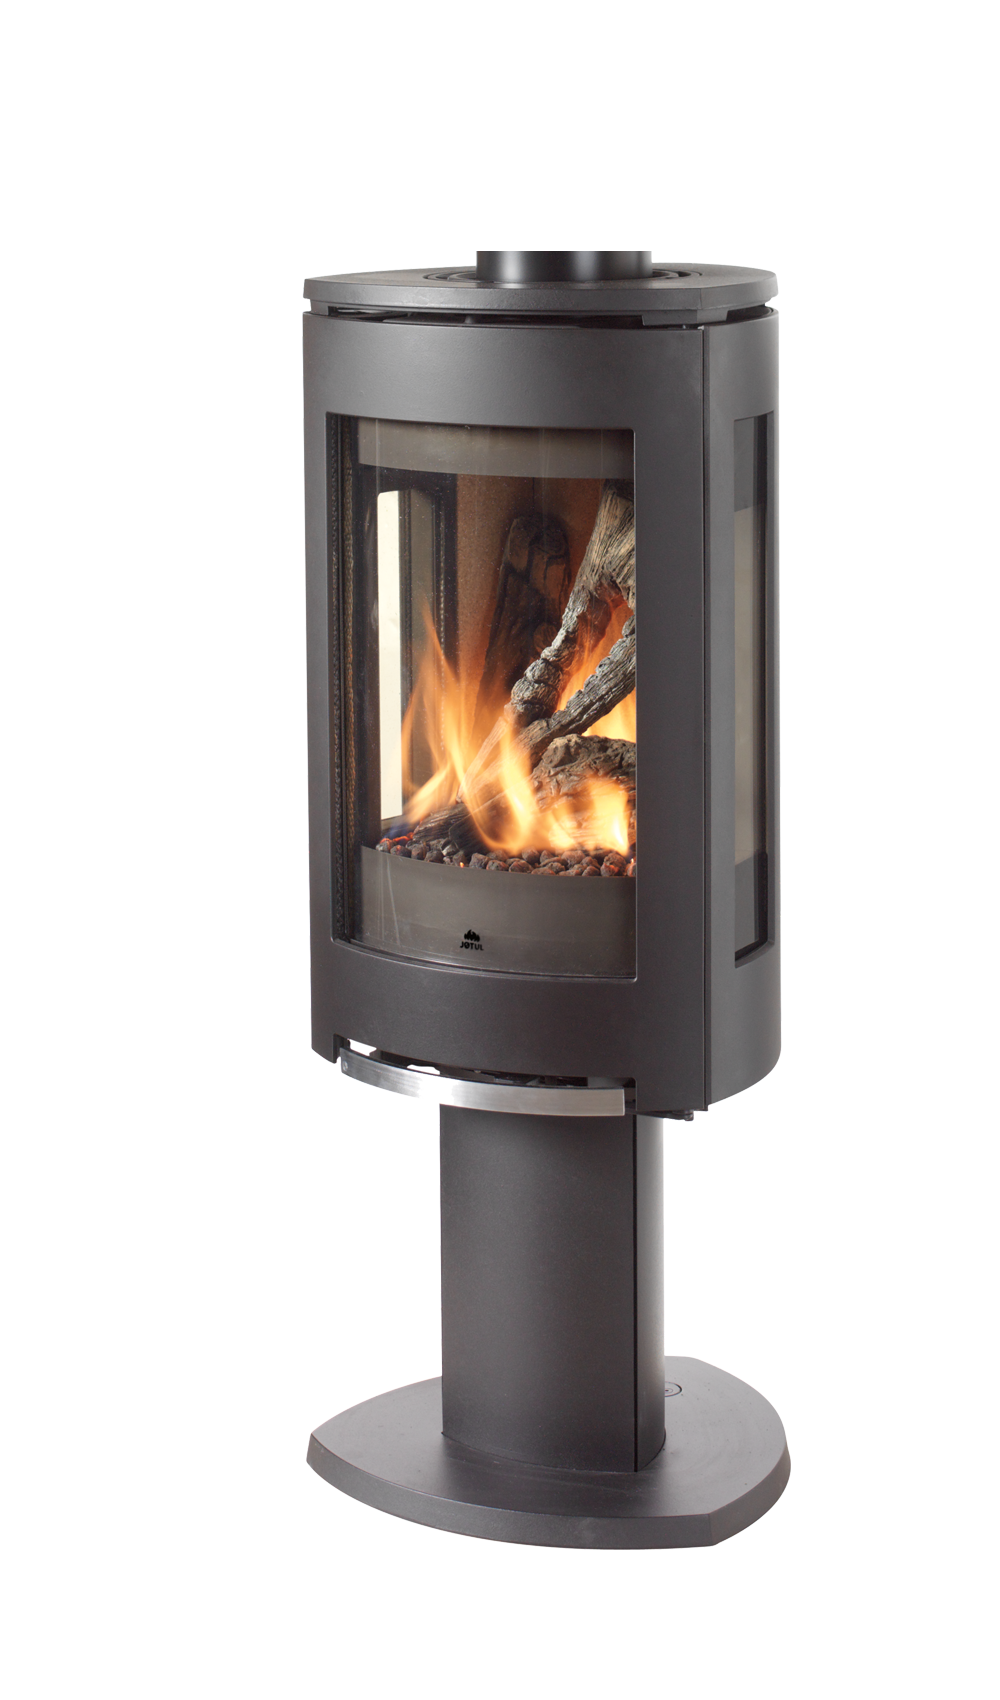 Jøtul Gf 370 Dv Ipi Freestanding Direct Vent Gas Stove Modern Free Standing Gas Stoves Free Standing Gas Standing Fireplace